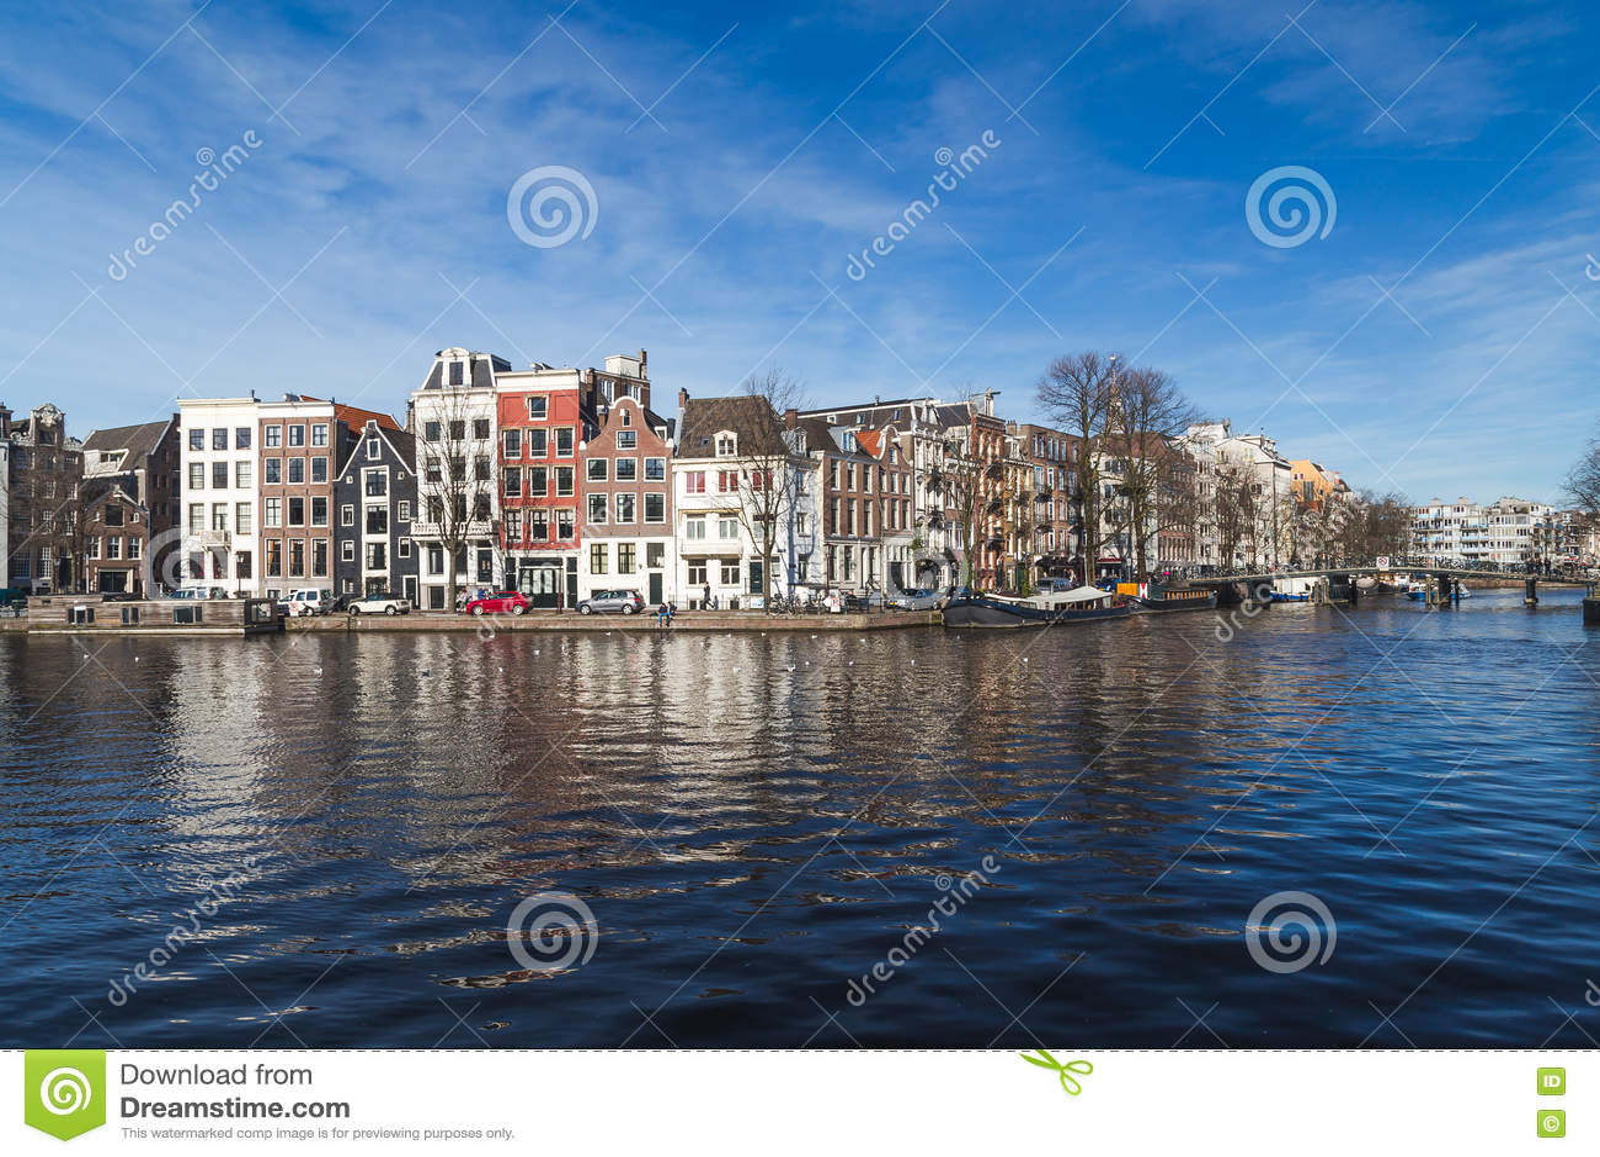 Canais em Amsterdão durante o dia